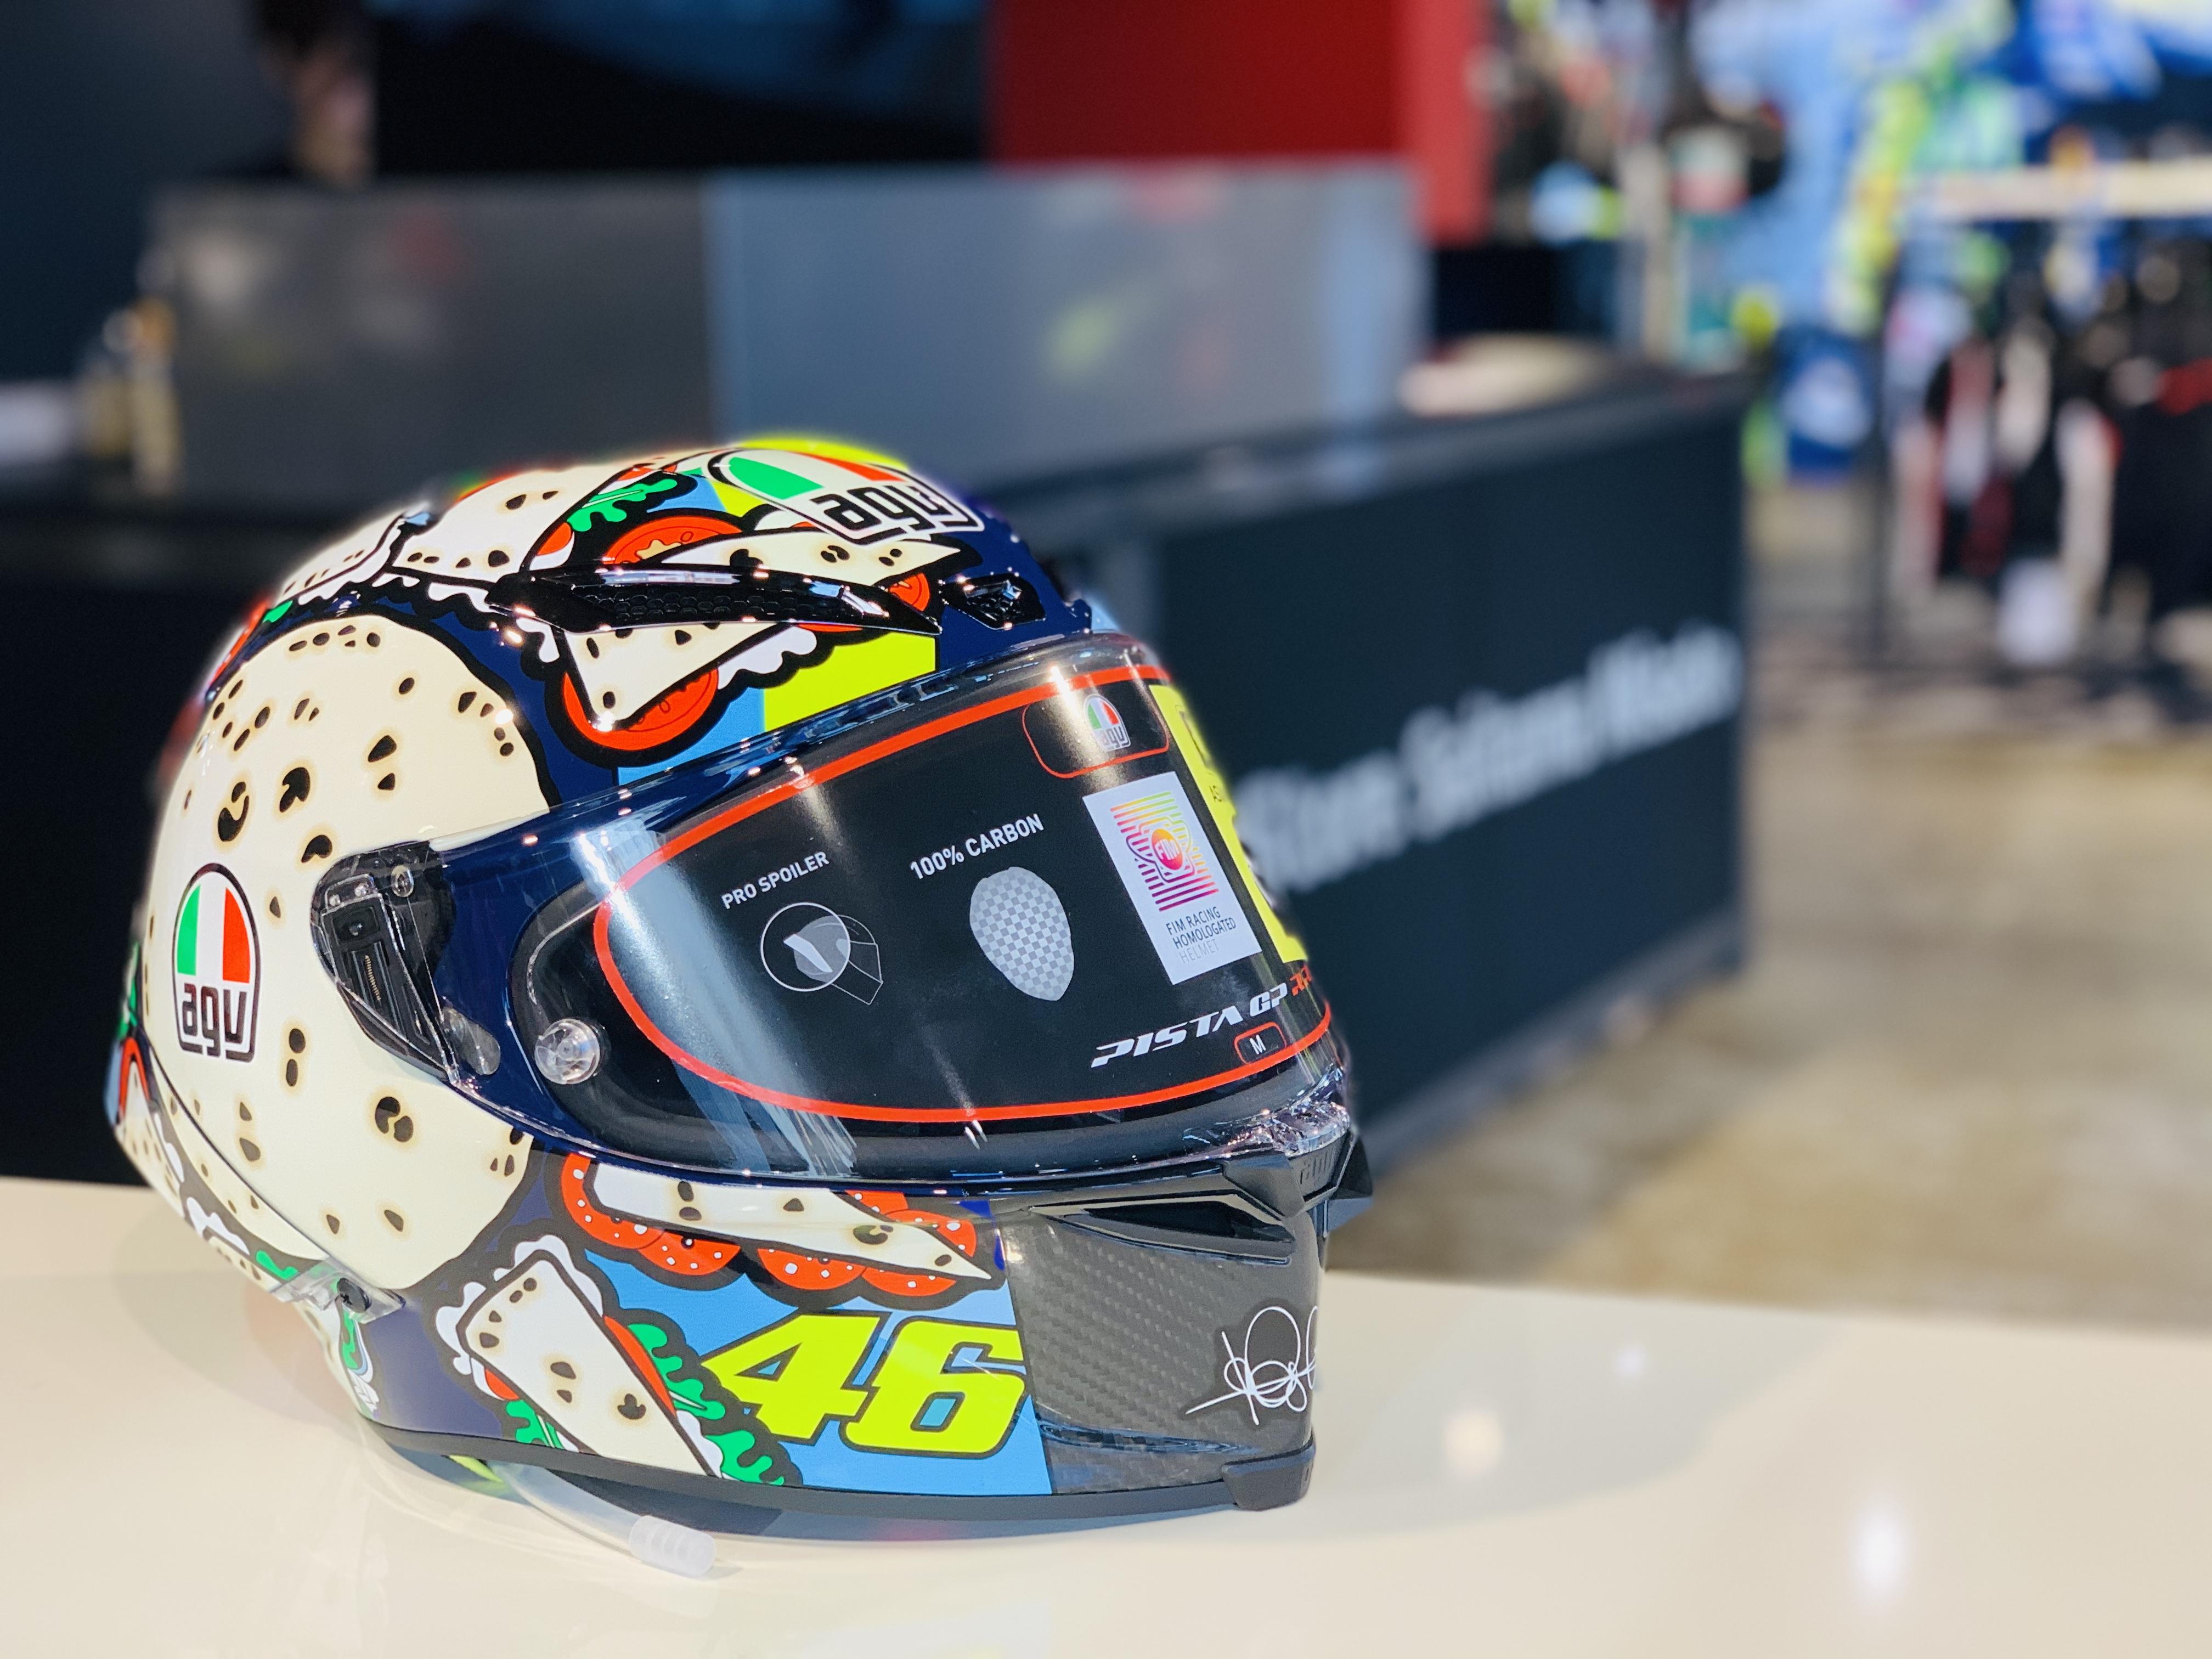 Valentino Rossiが2019年のミサノGPで使用したスペシャルグラフィック 'MENU MISANO'が入荷